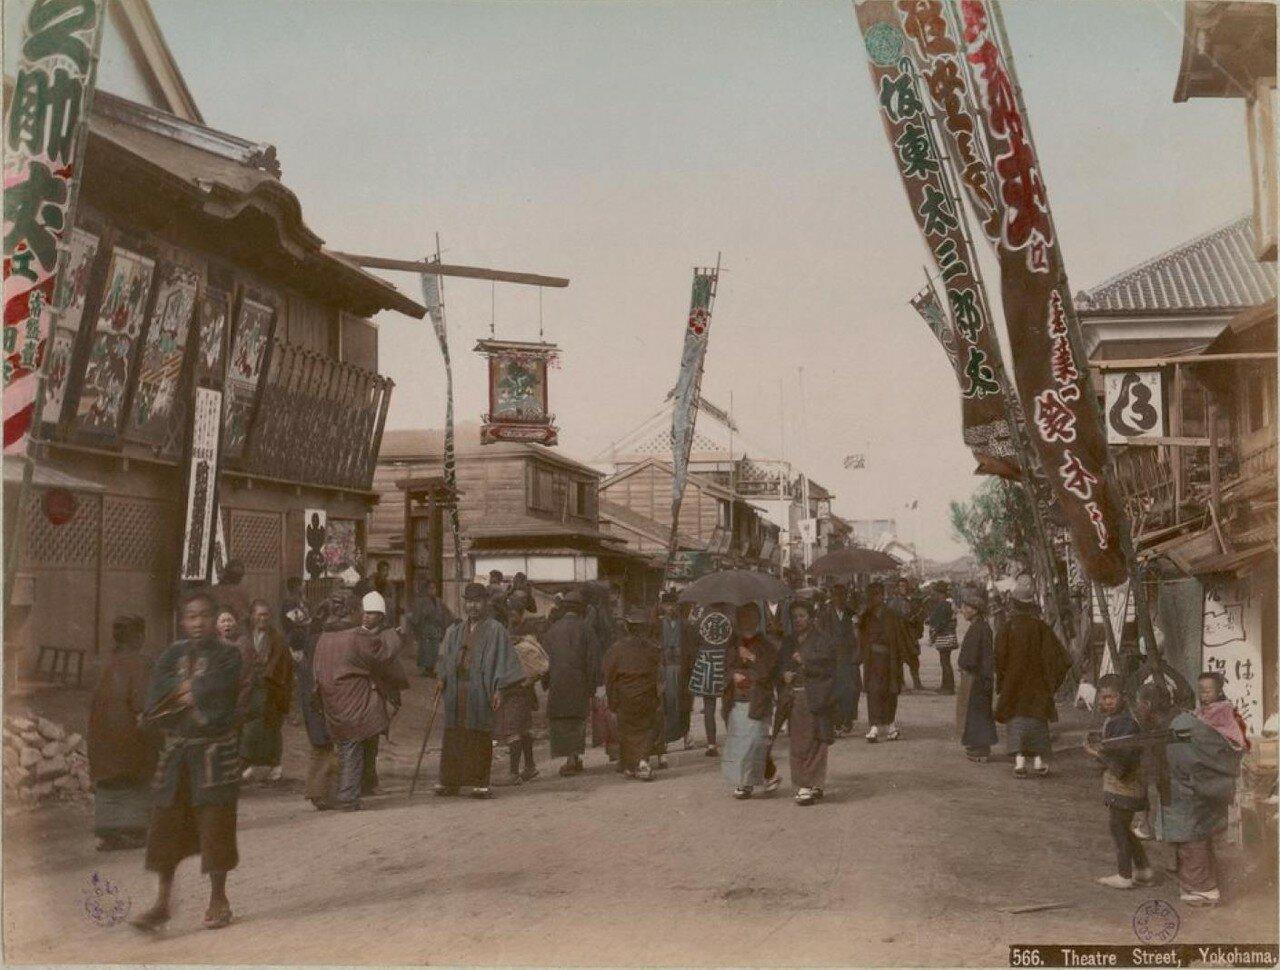 Иокогама. Театральная улица